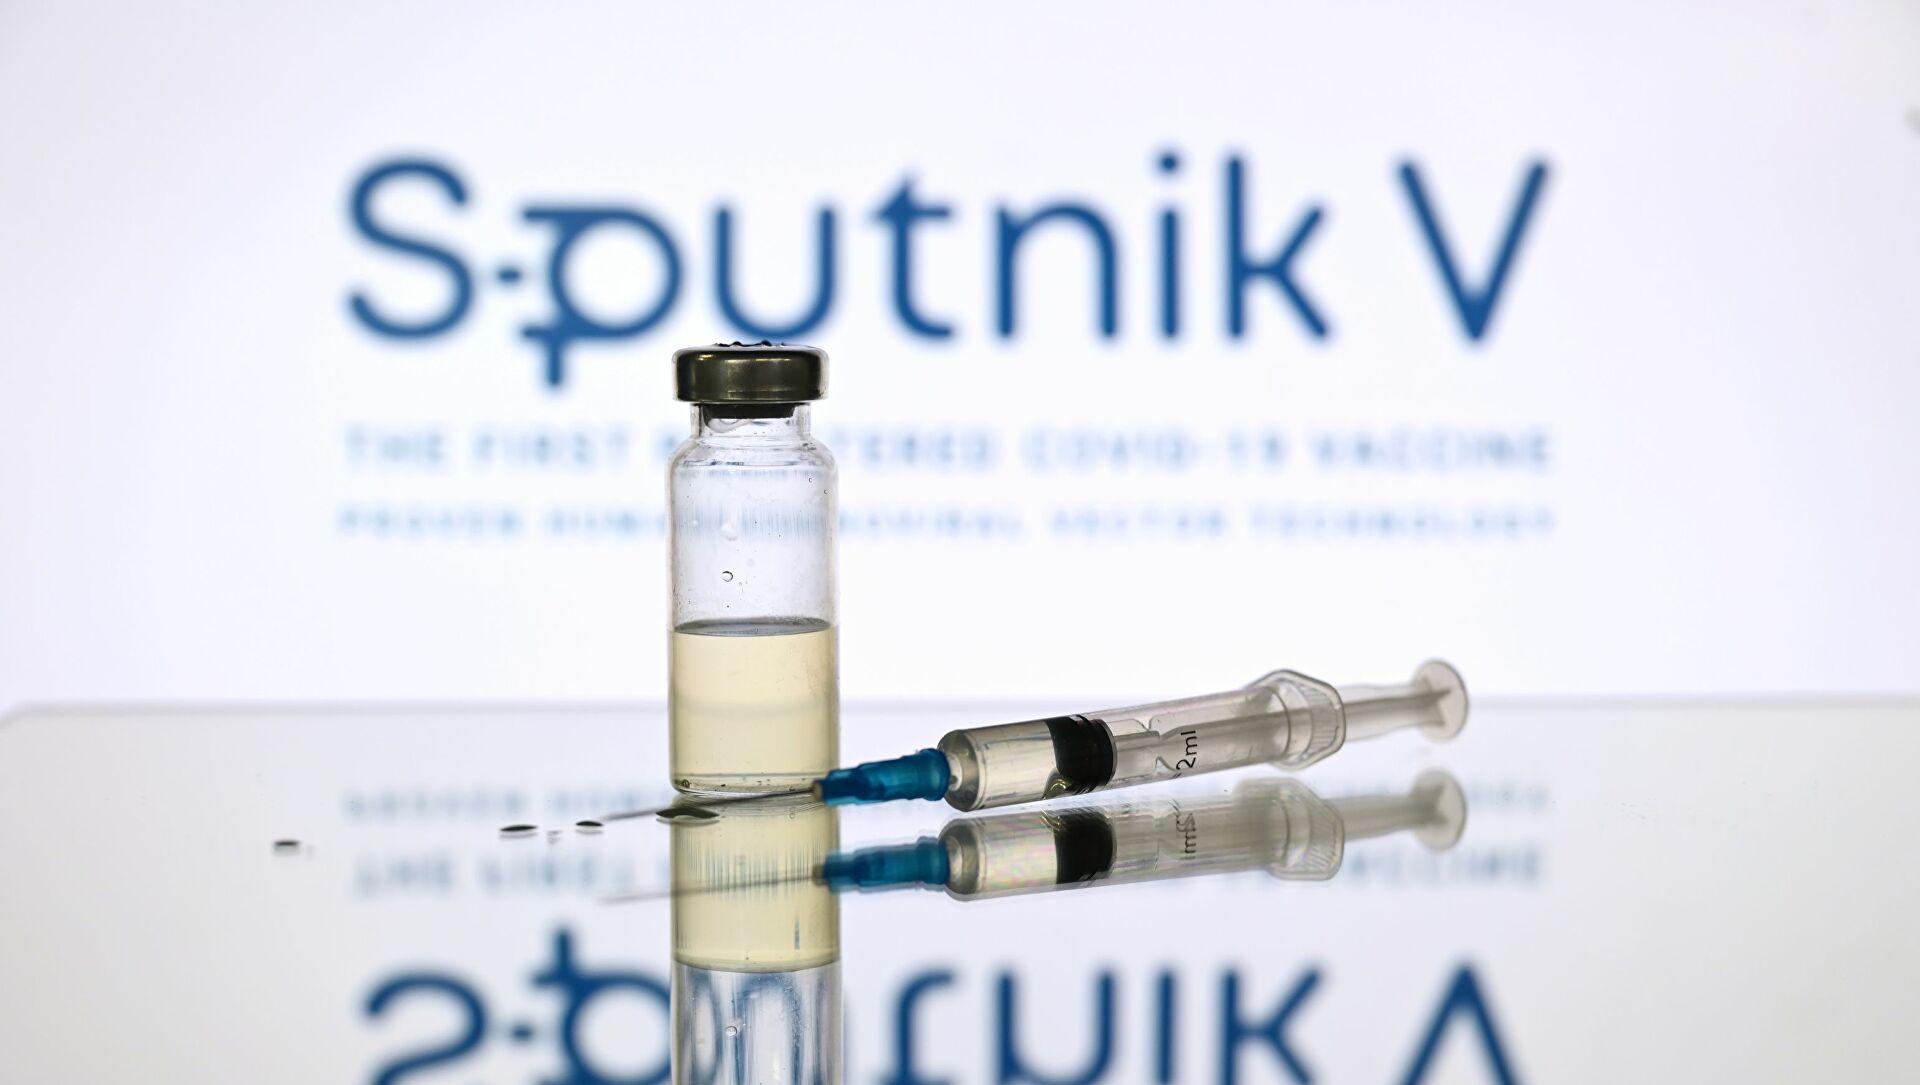 Чехи считают «Спутник V» лучшей вакциной, пишет российское агентство